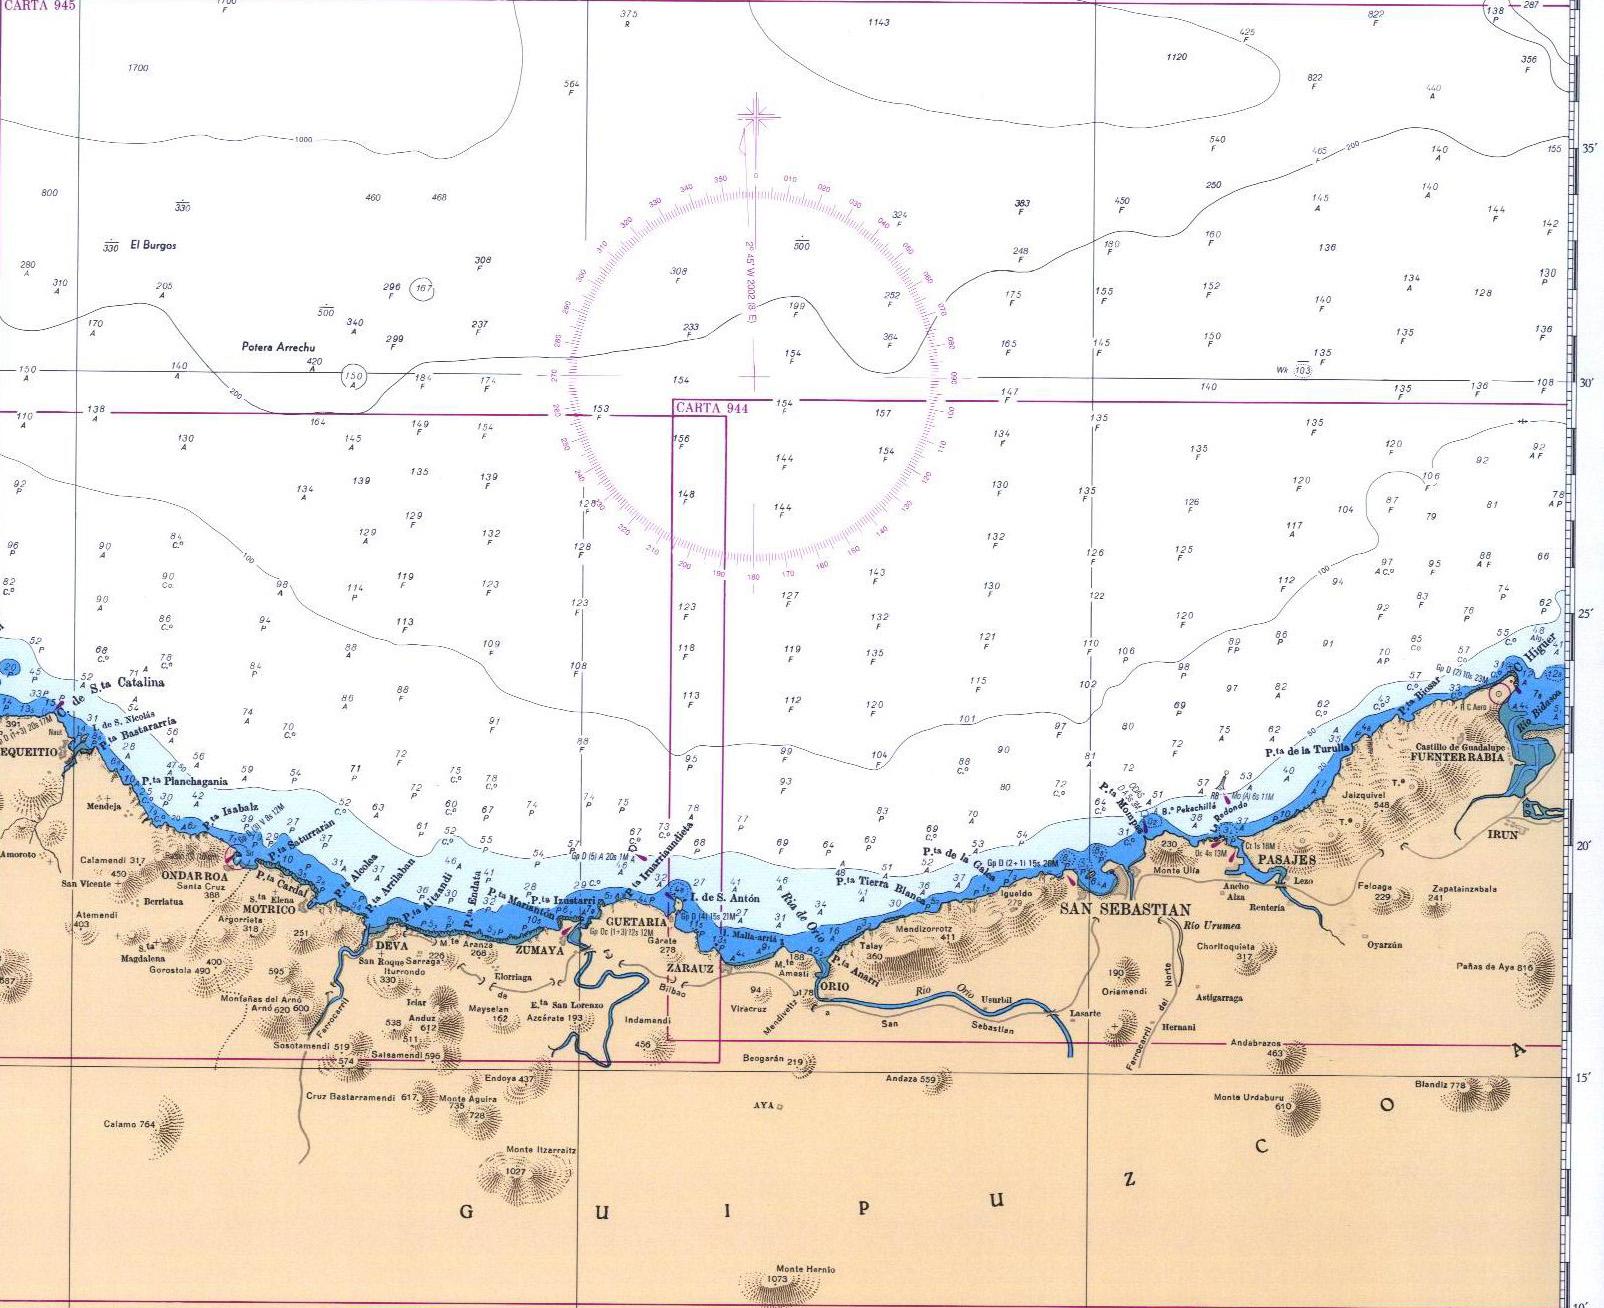 Carta náutica de Guipúzcoa